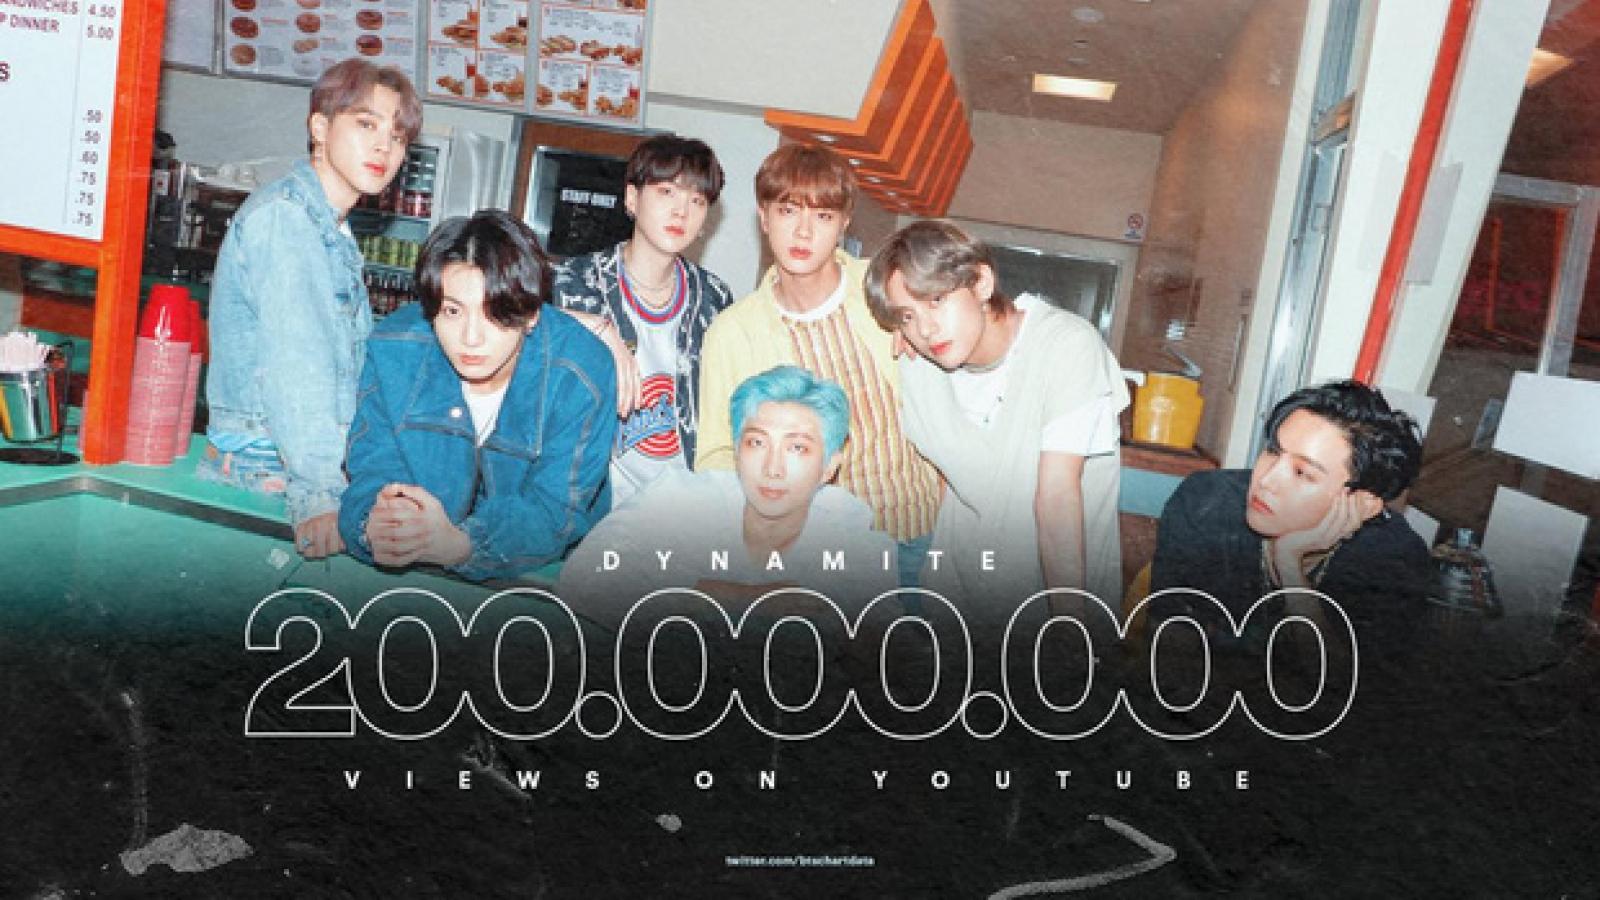 """BTS """"Dynamite"""" cán mốc 200 triệu views, xô đổ kỷ lục của BLACKPINK"""